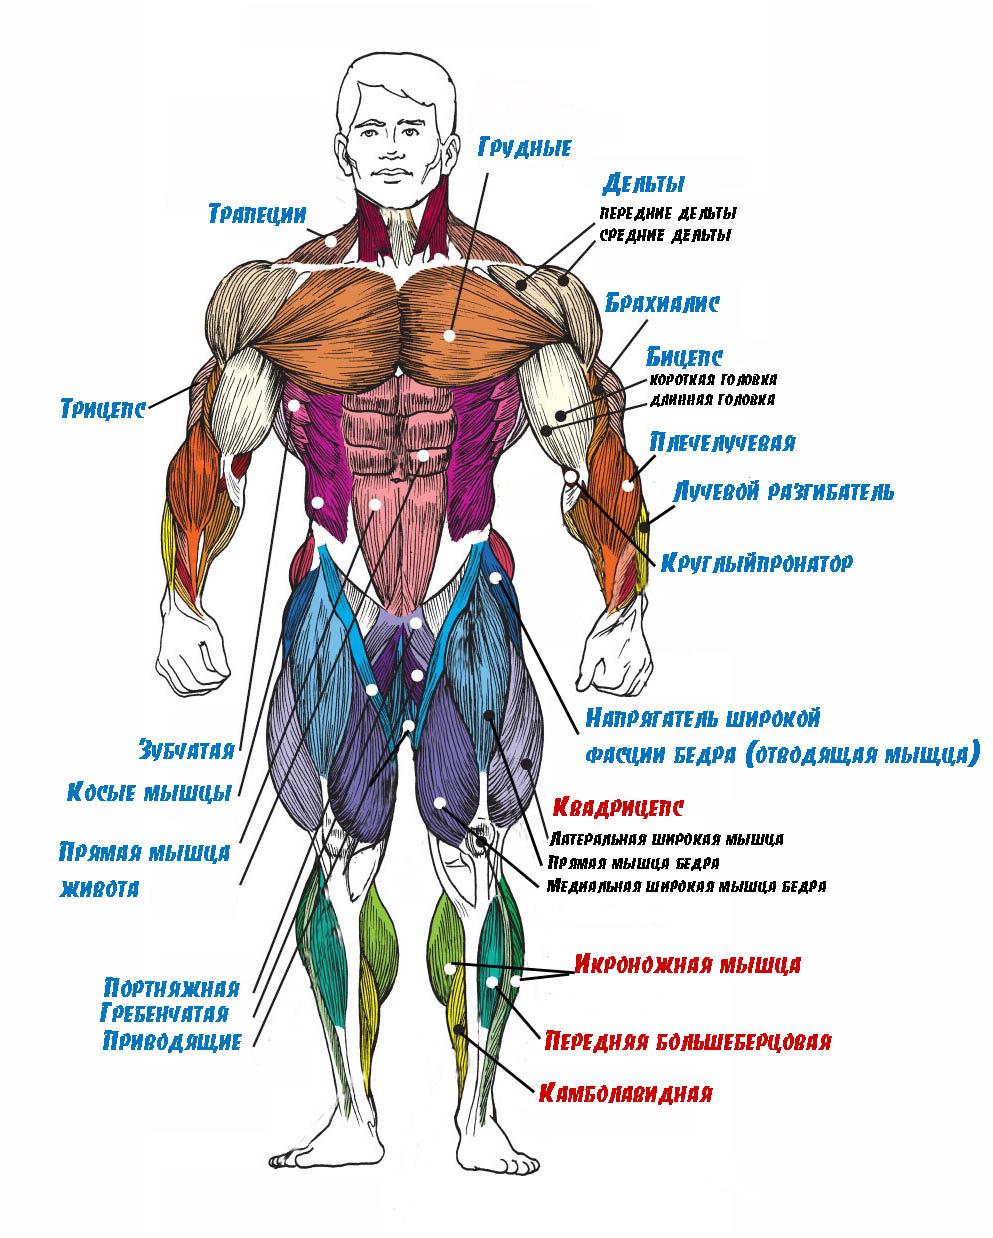 деталь выполняет анатомия мышц человека бодибилдинг фото растянуть изображение